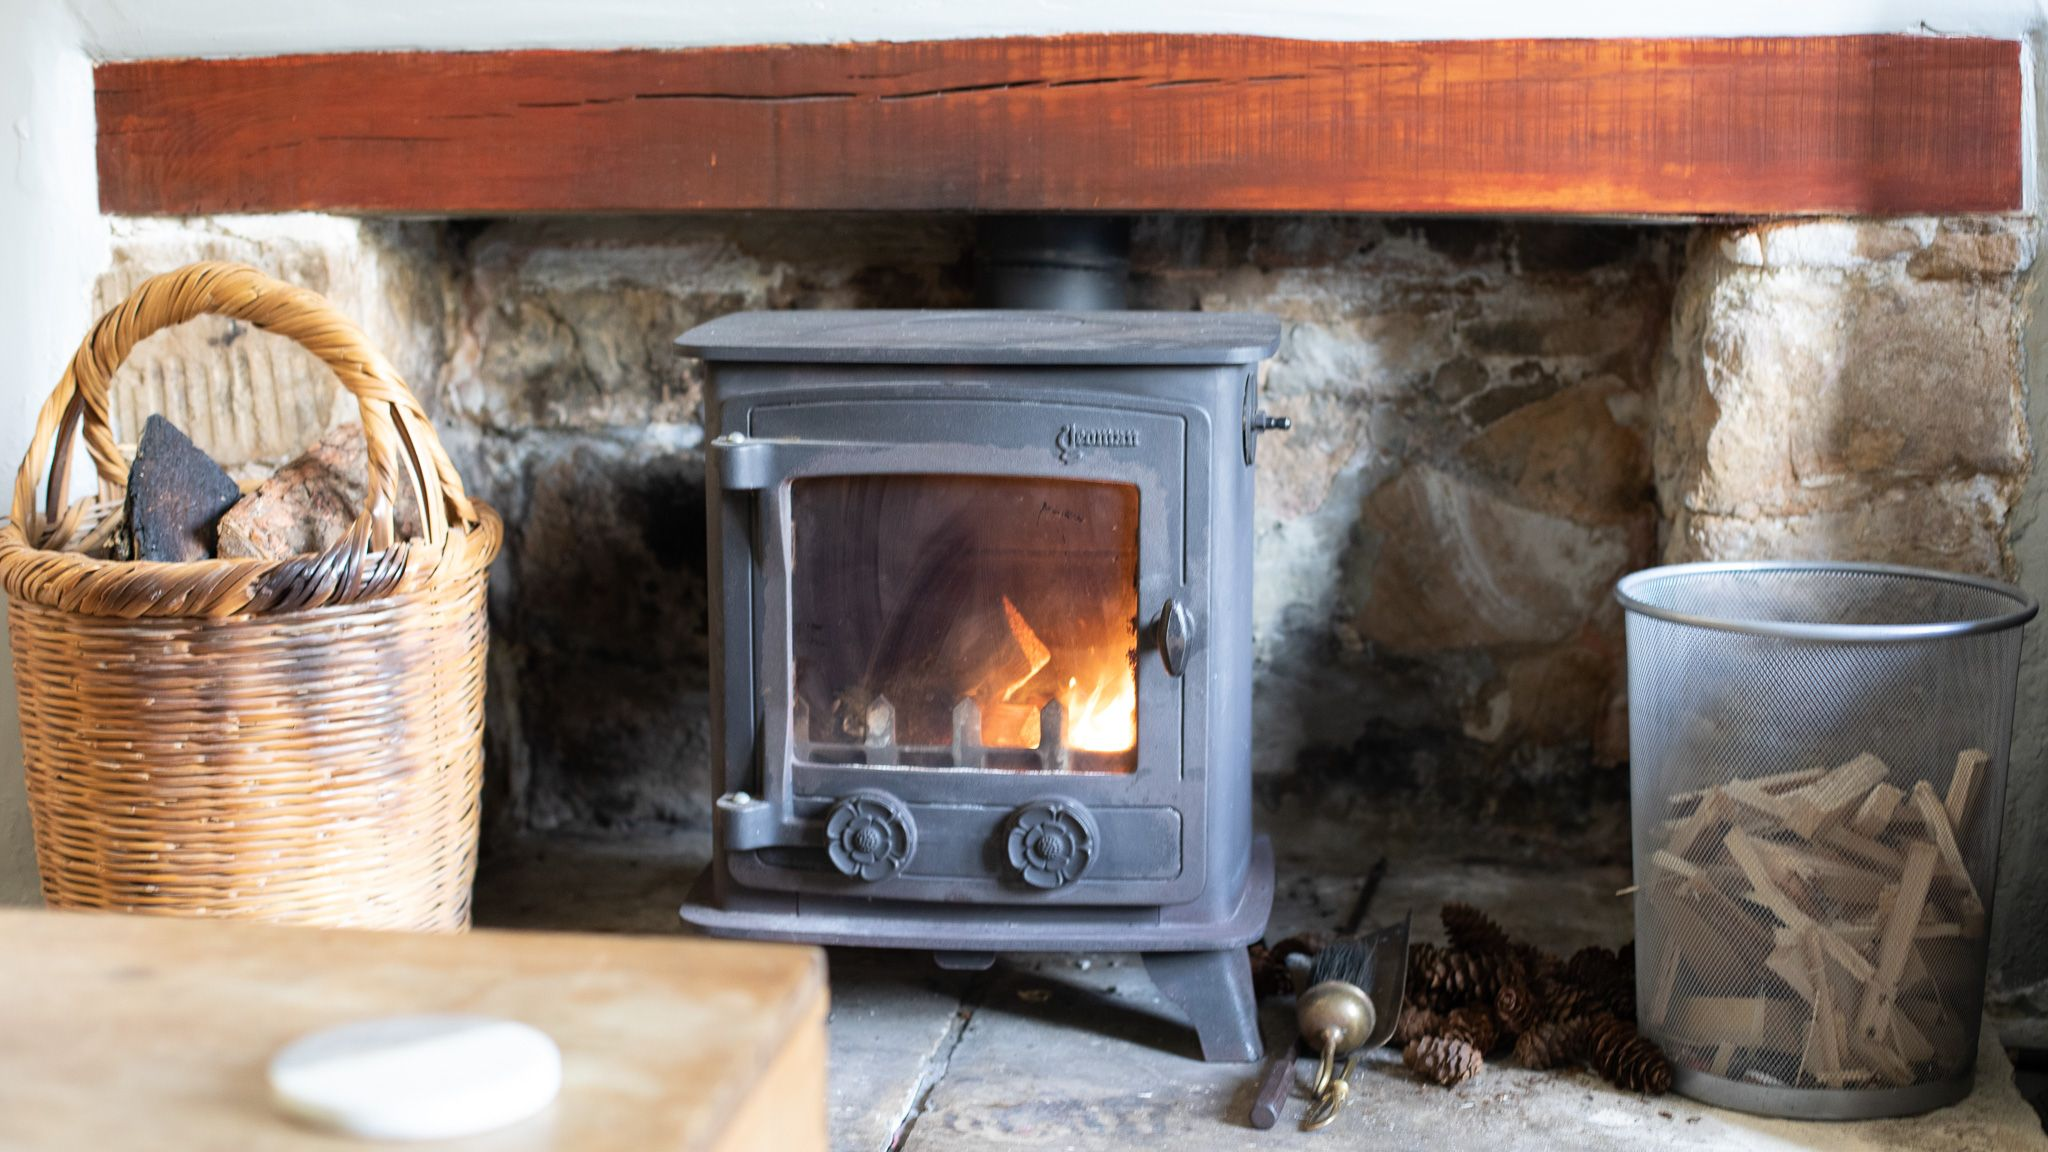 Log burner with starter pack, Walkley Wood Cottage, Bolthole Retreats